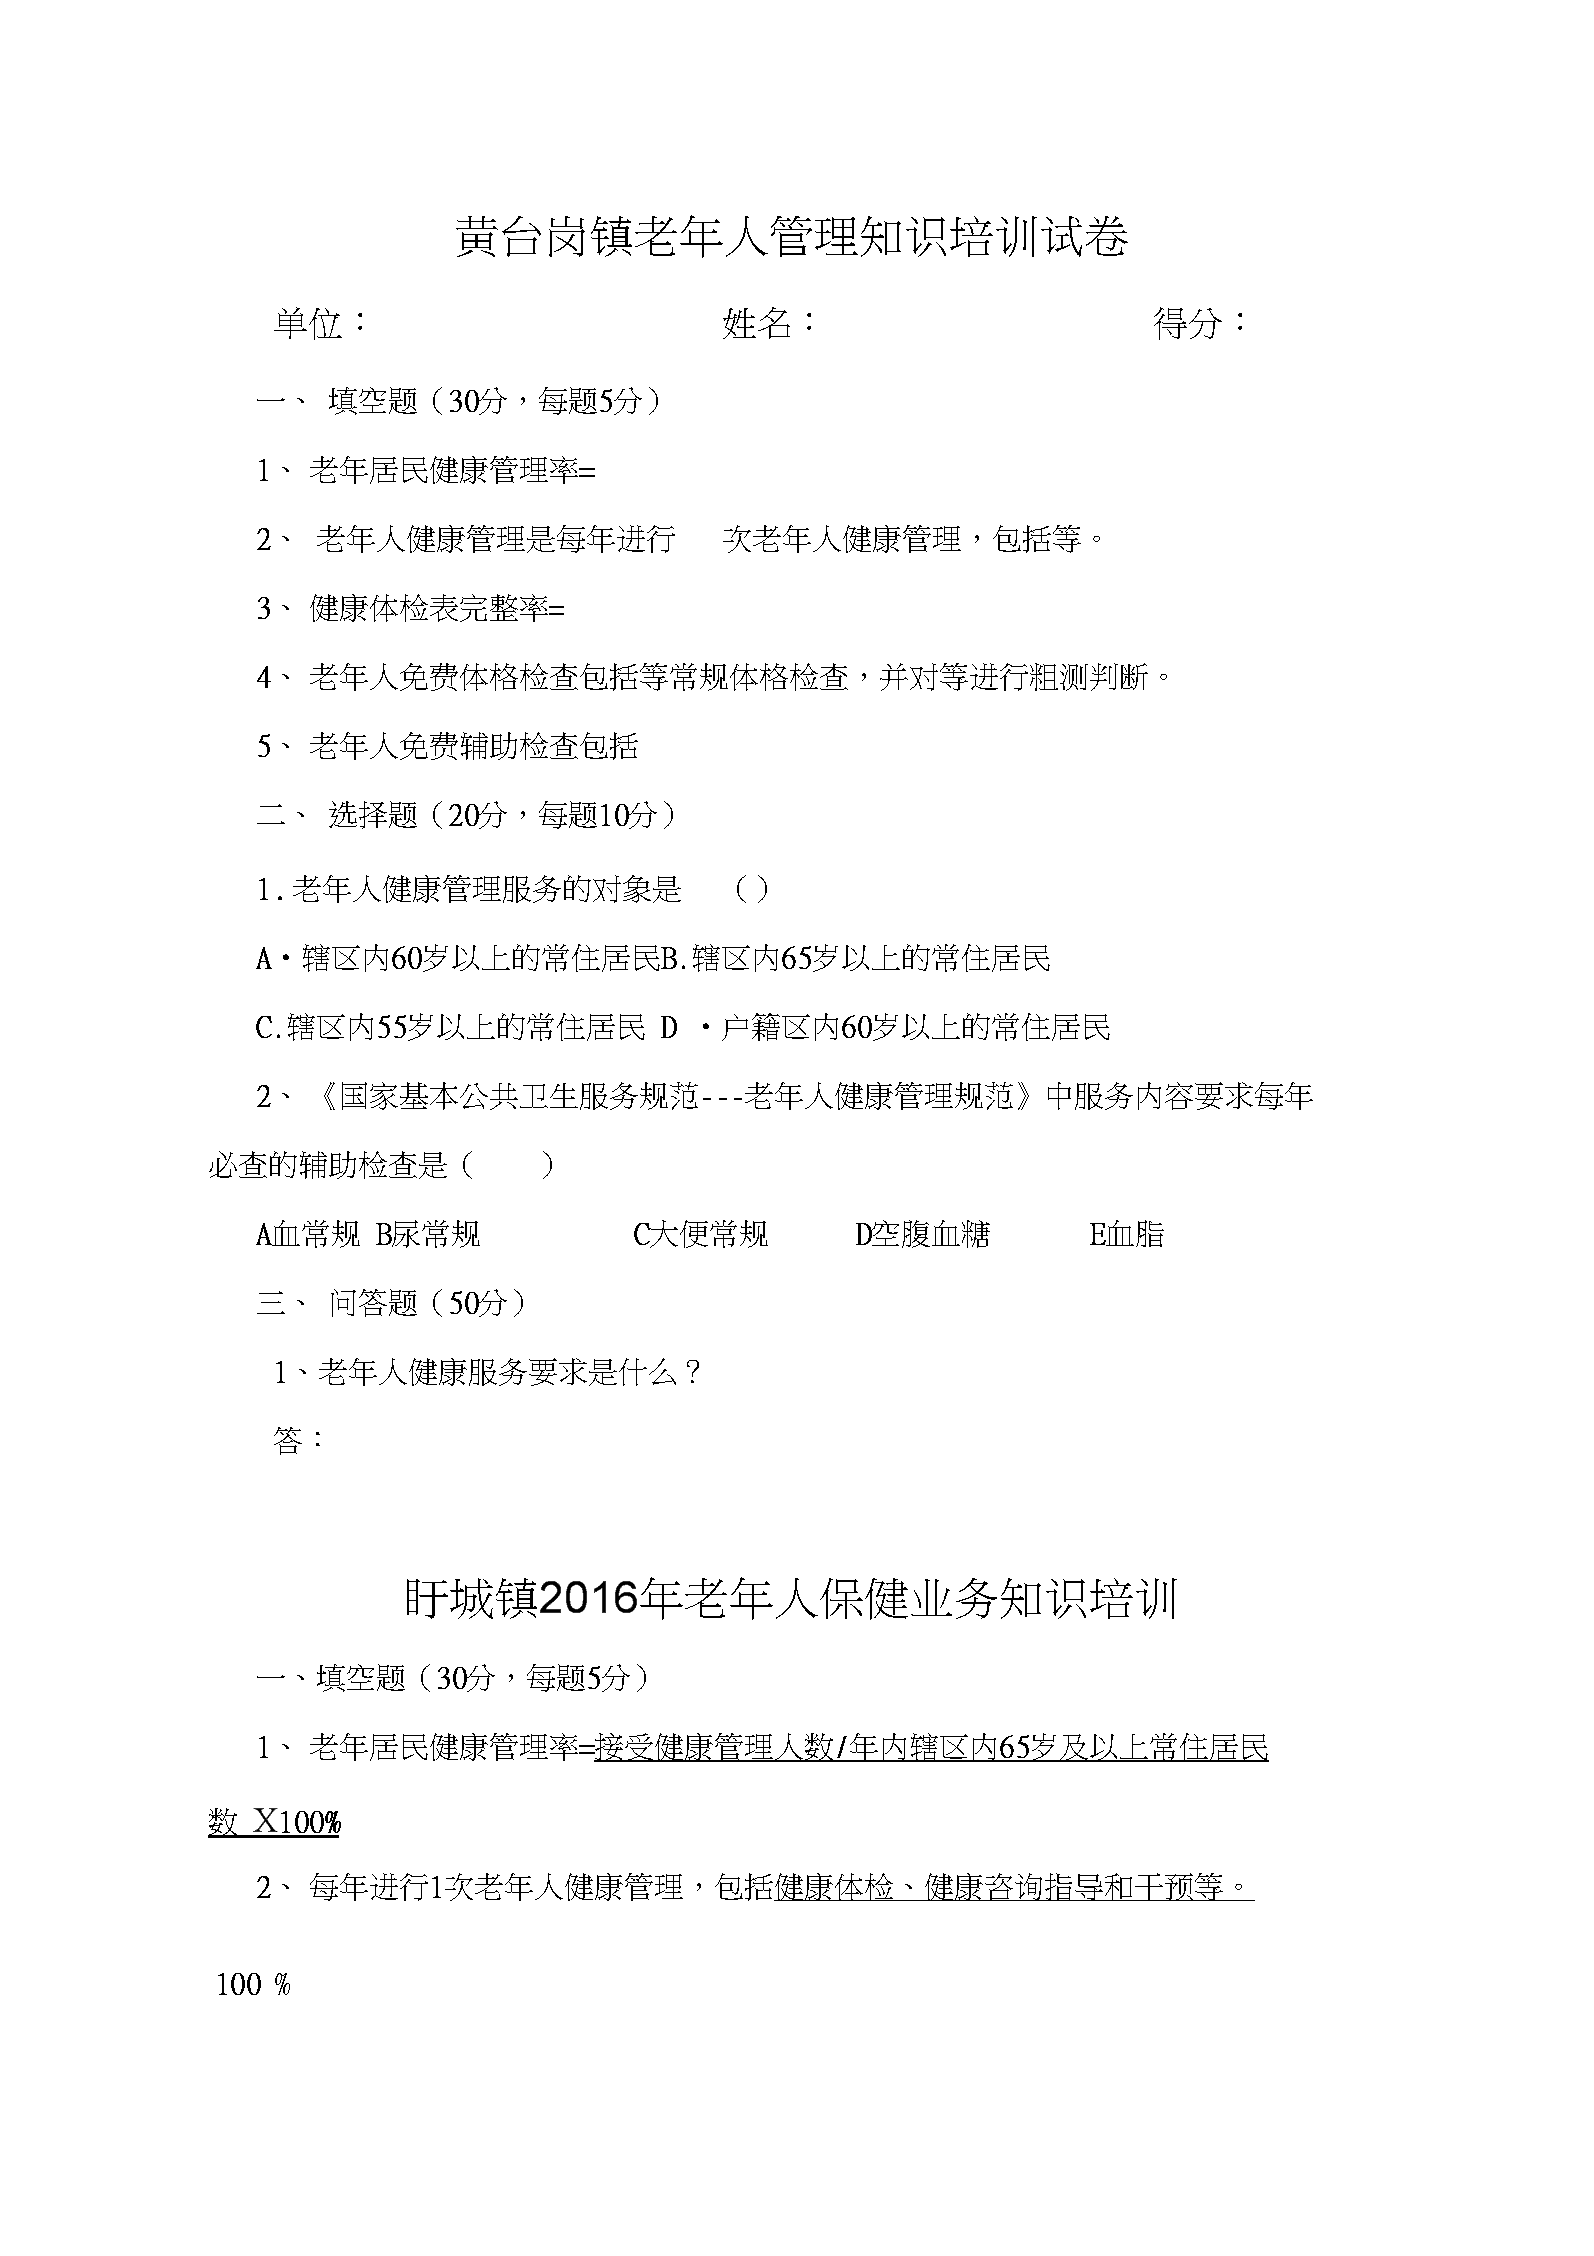 老年人保健业务知识培训试卷及答案.docx